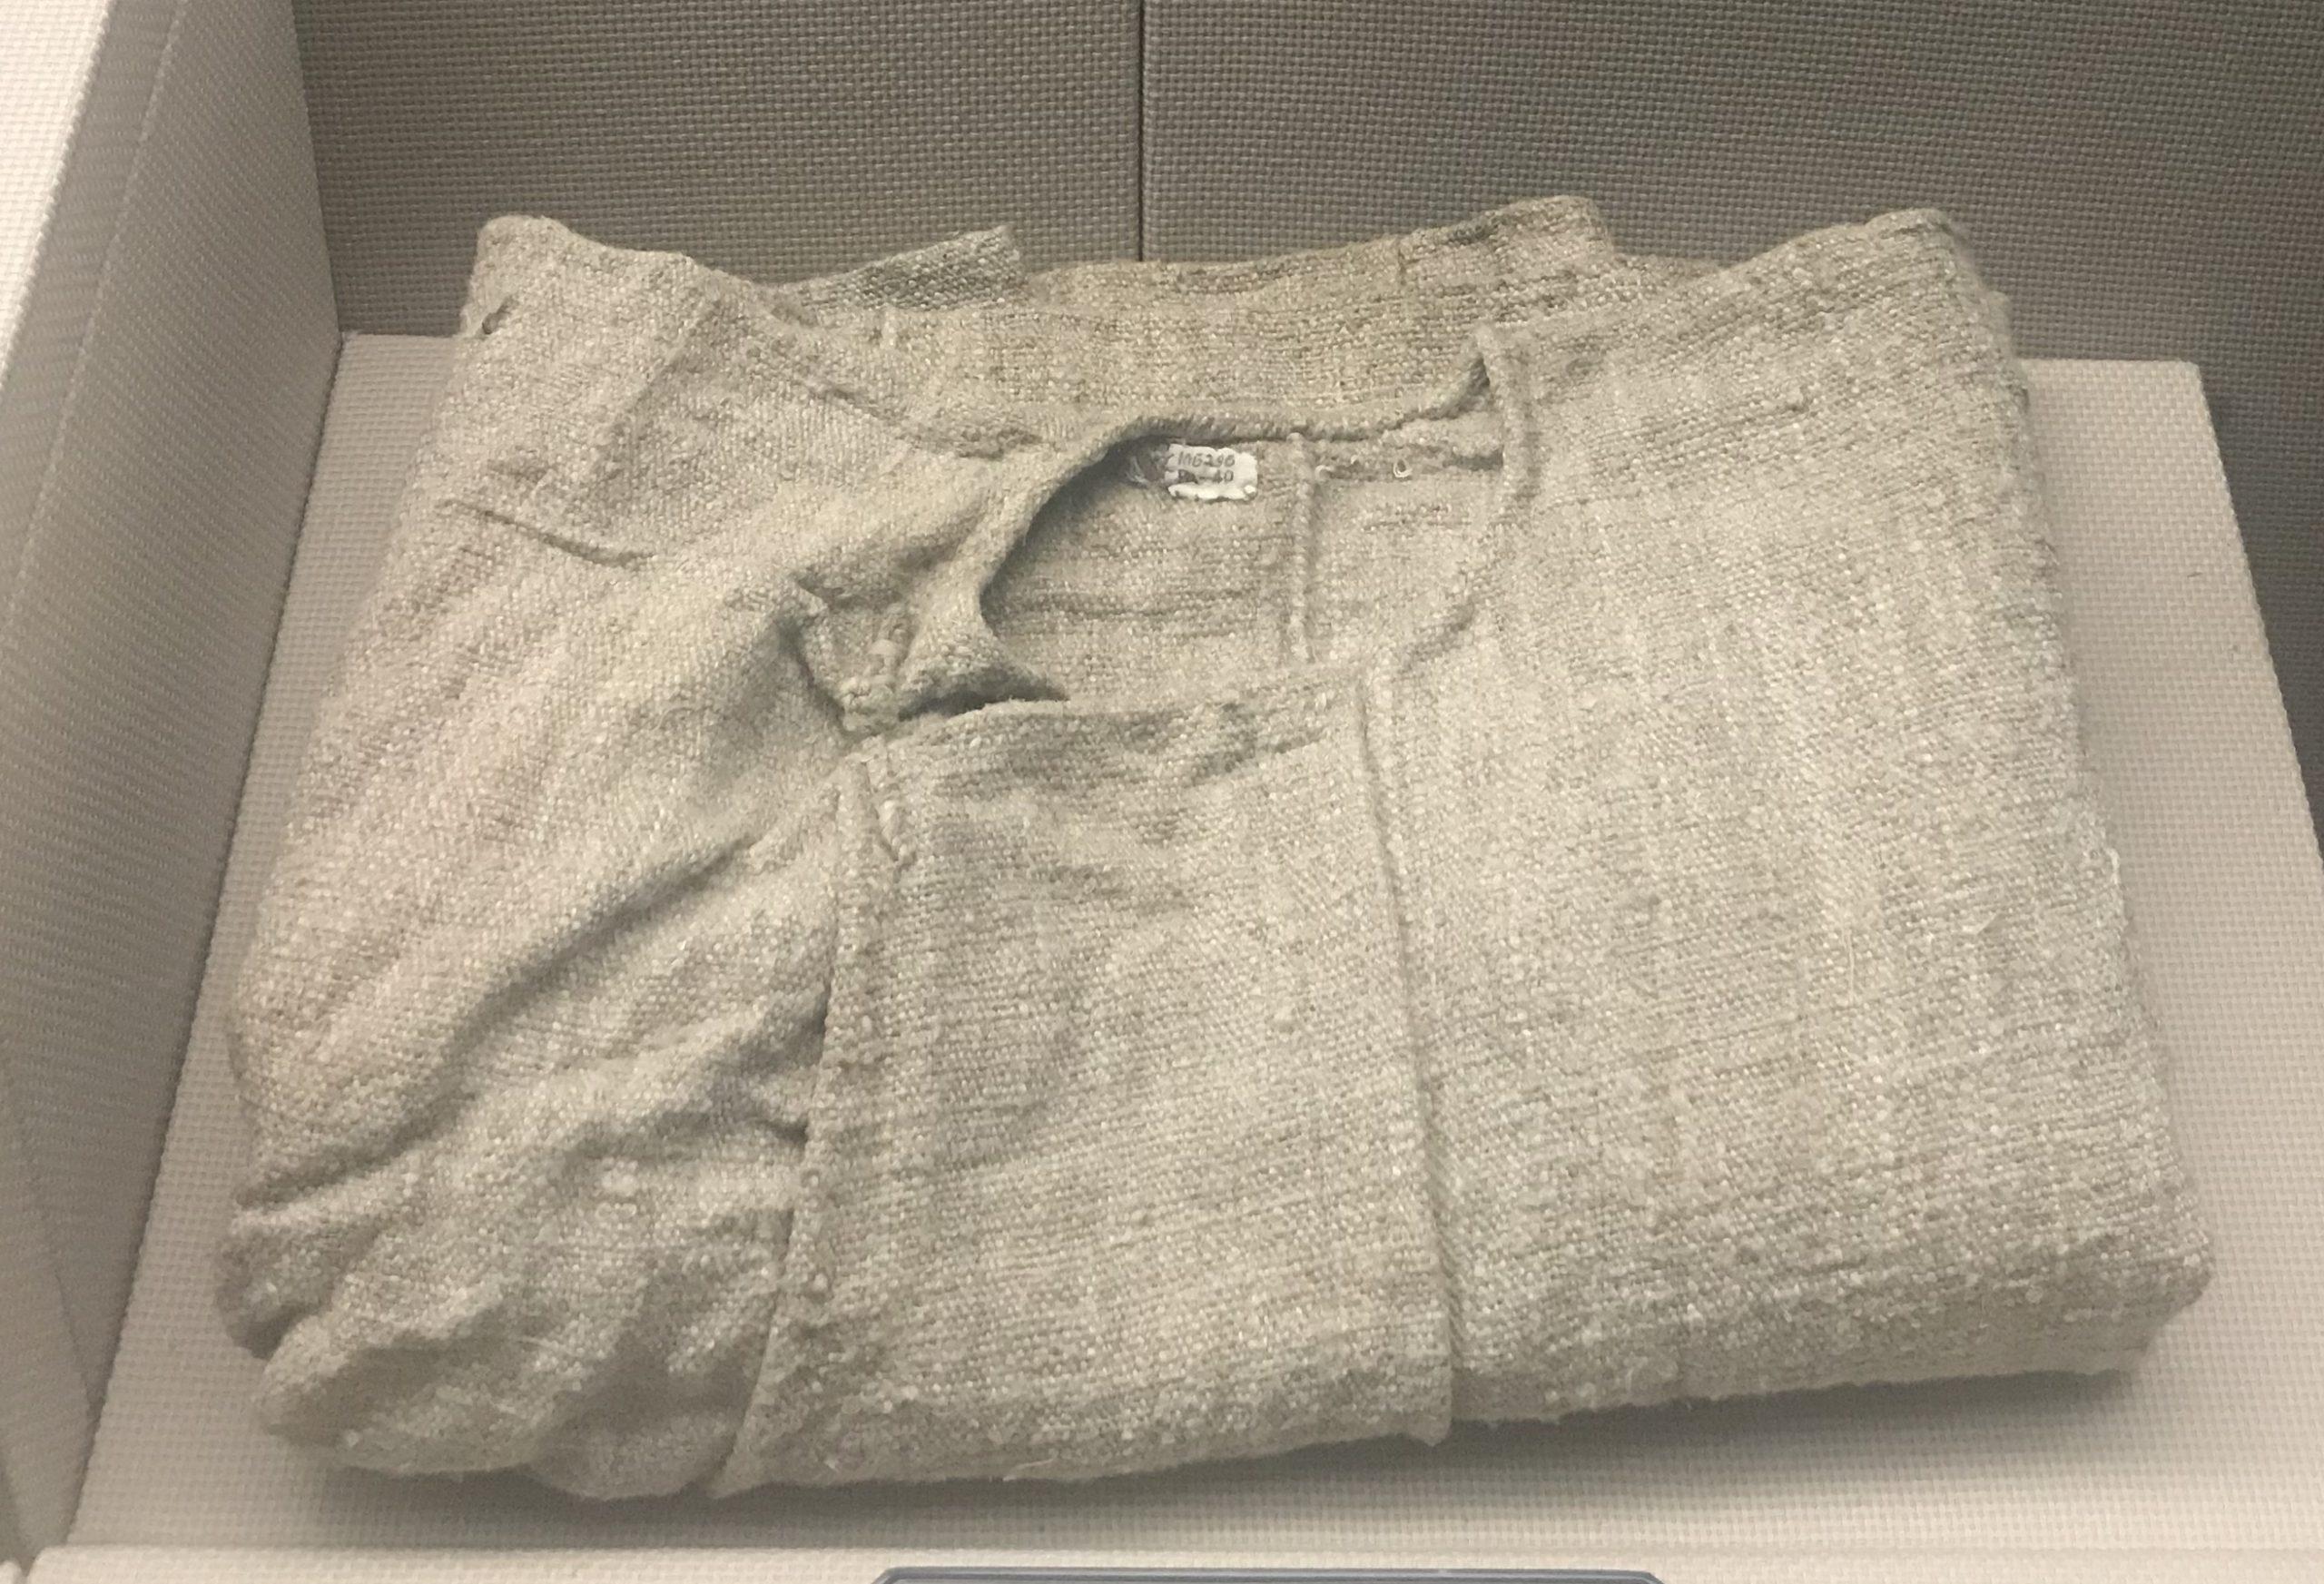 粗麻布男長衫-チャン族服装-四川民族文物館-四川博物館-成都